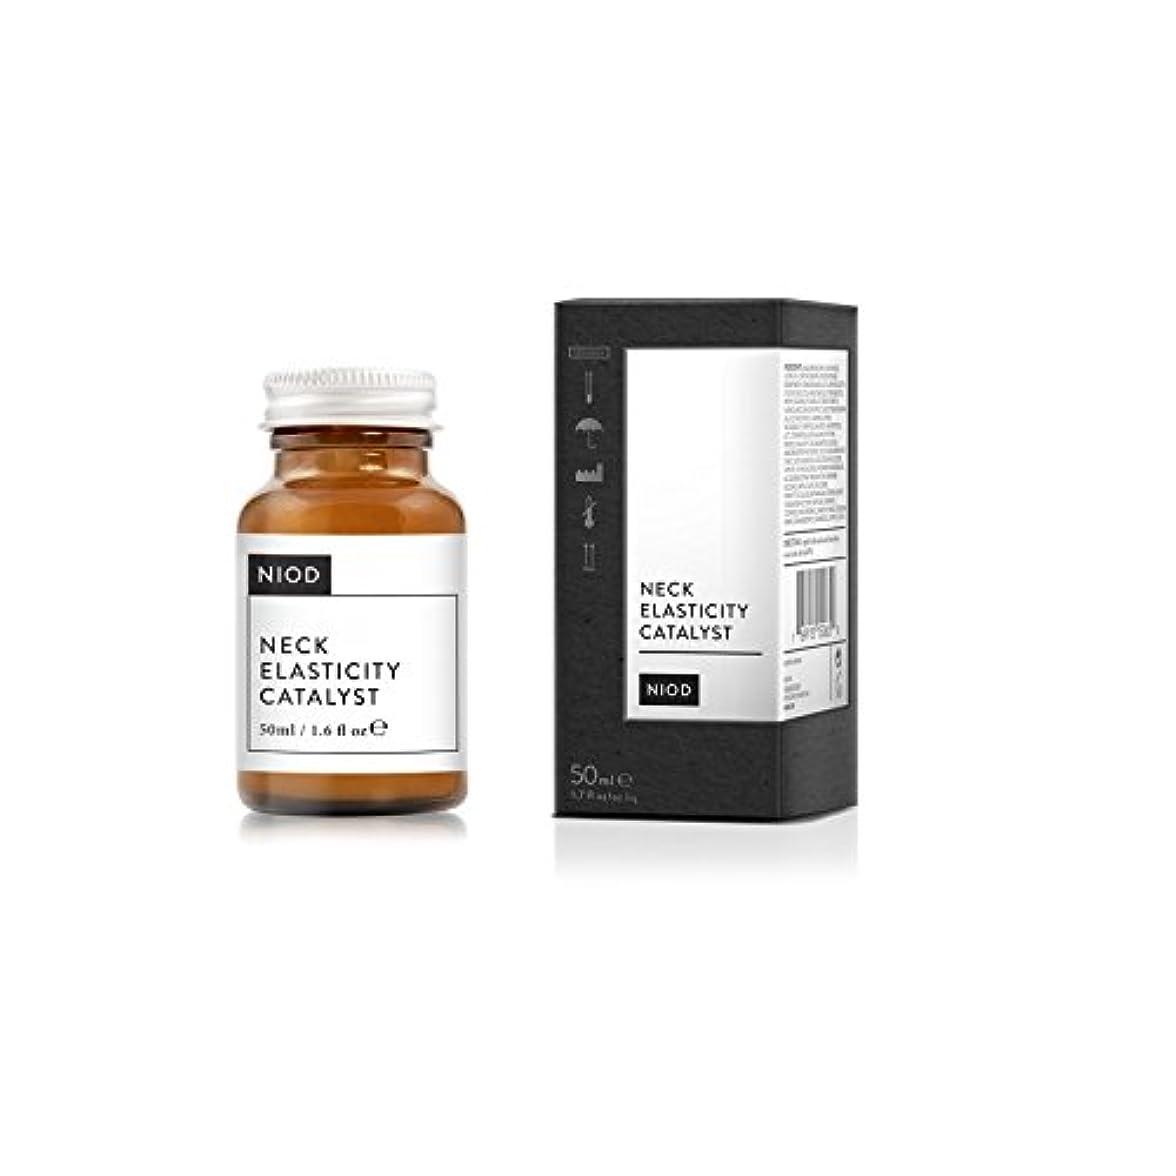 結婚するジャーナリストベンチ弾力性触媒の首血清50ミリリットル x2 - Niod Elasticity Catalyst Neck Serum 50ml (Pack of 2) [並行輸入品]